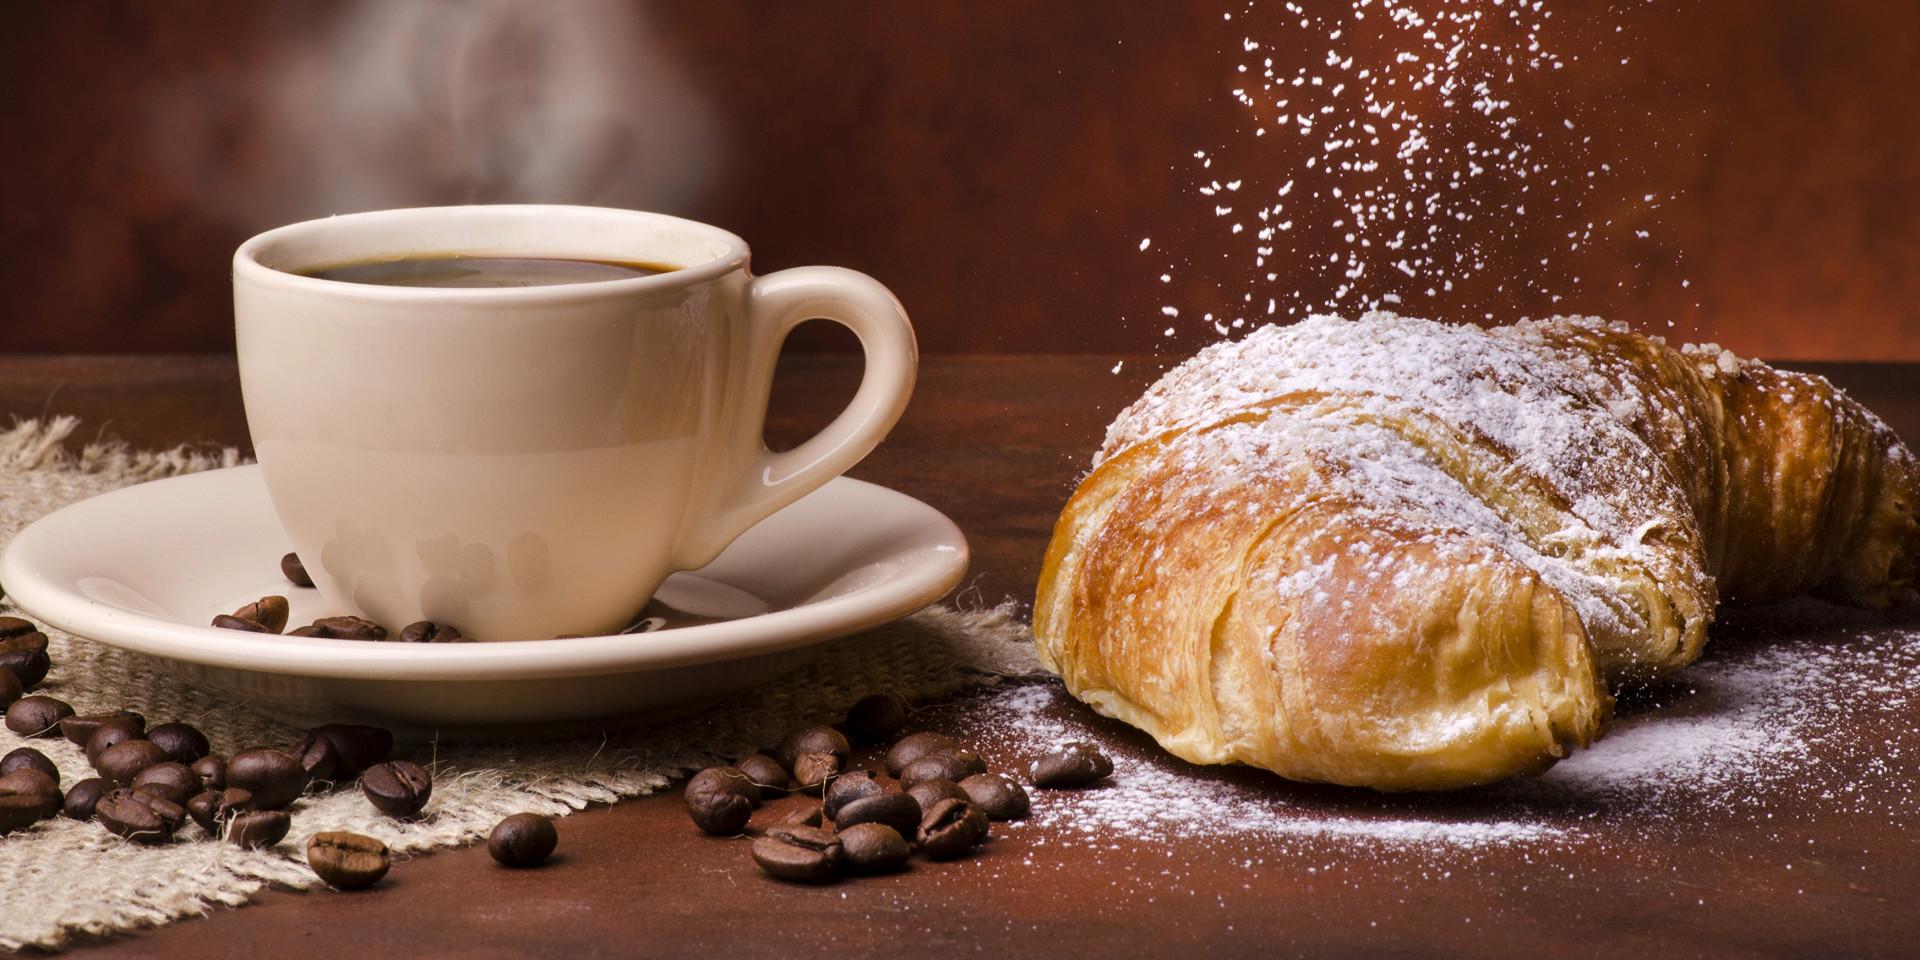 Ароматизаторы для кофейни дарят новые ощущения